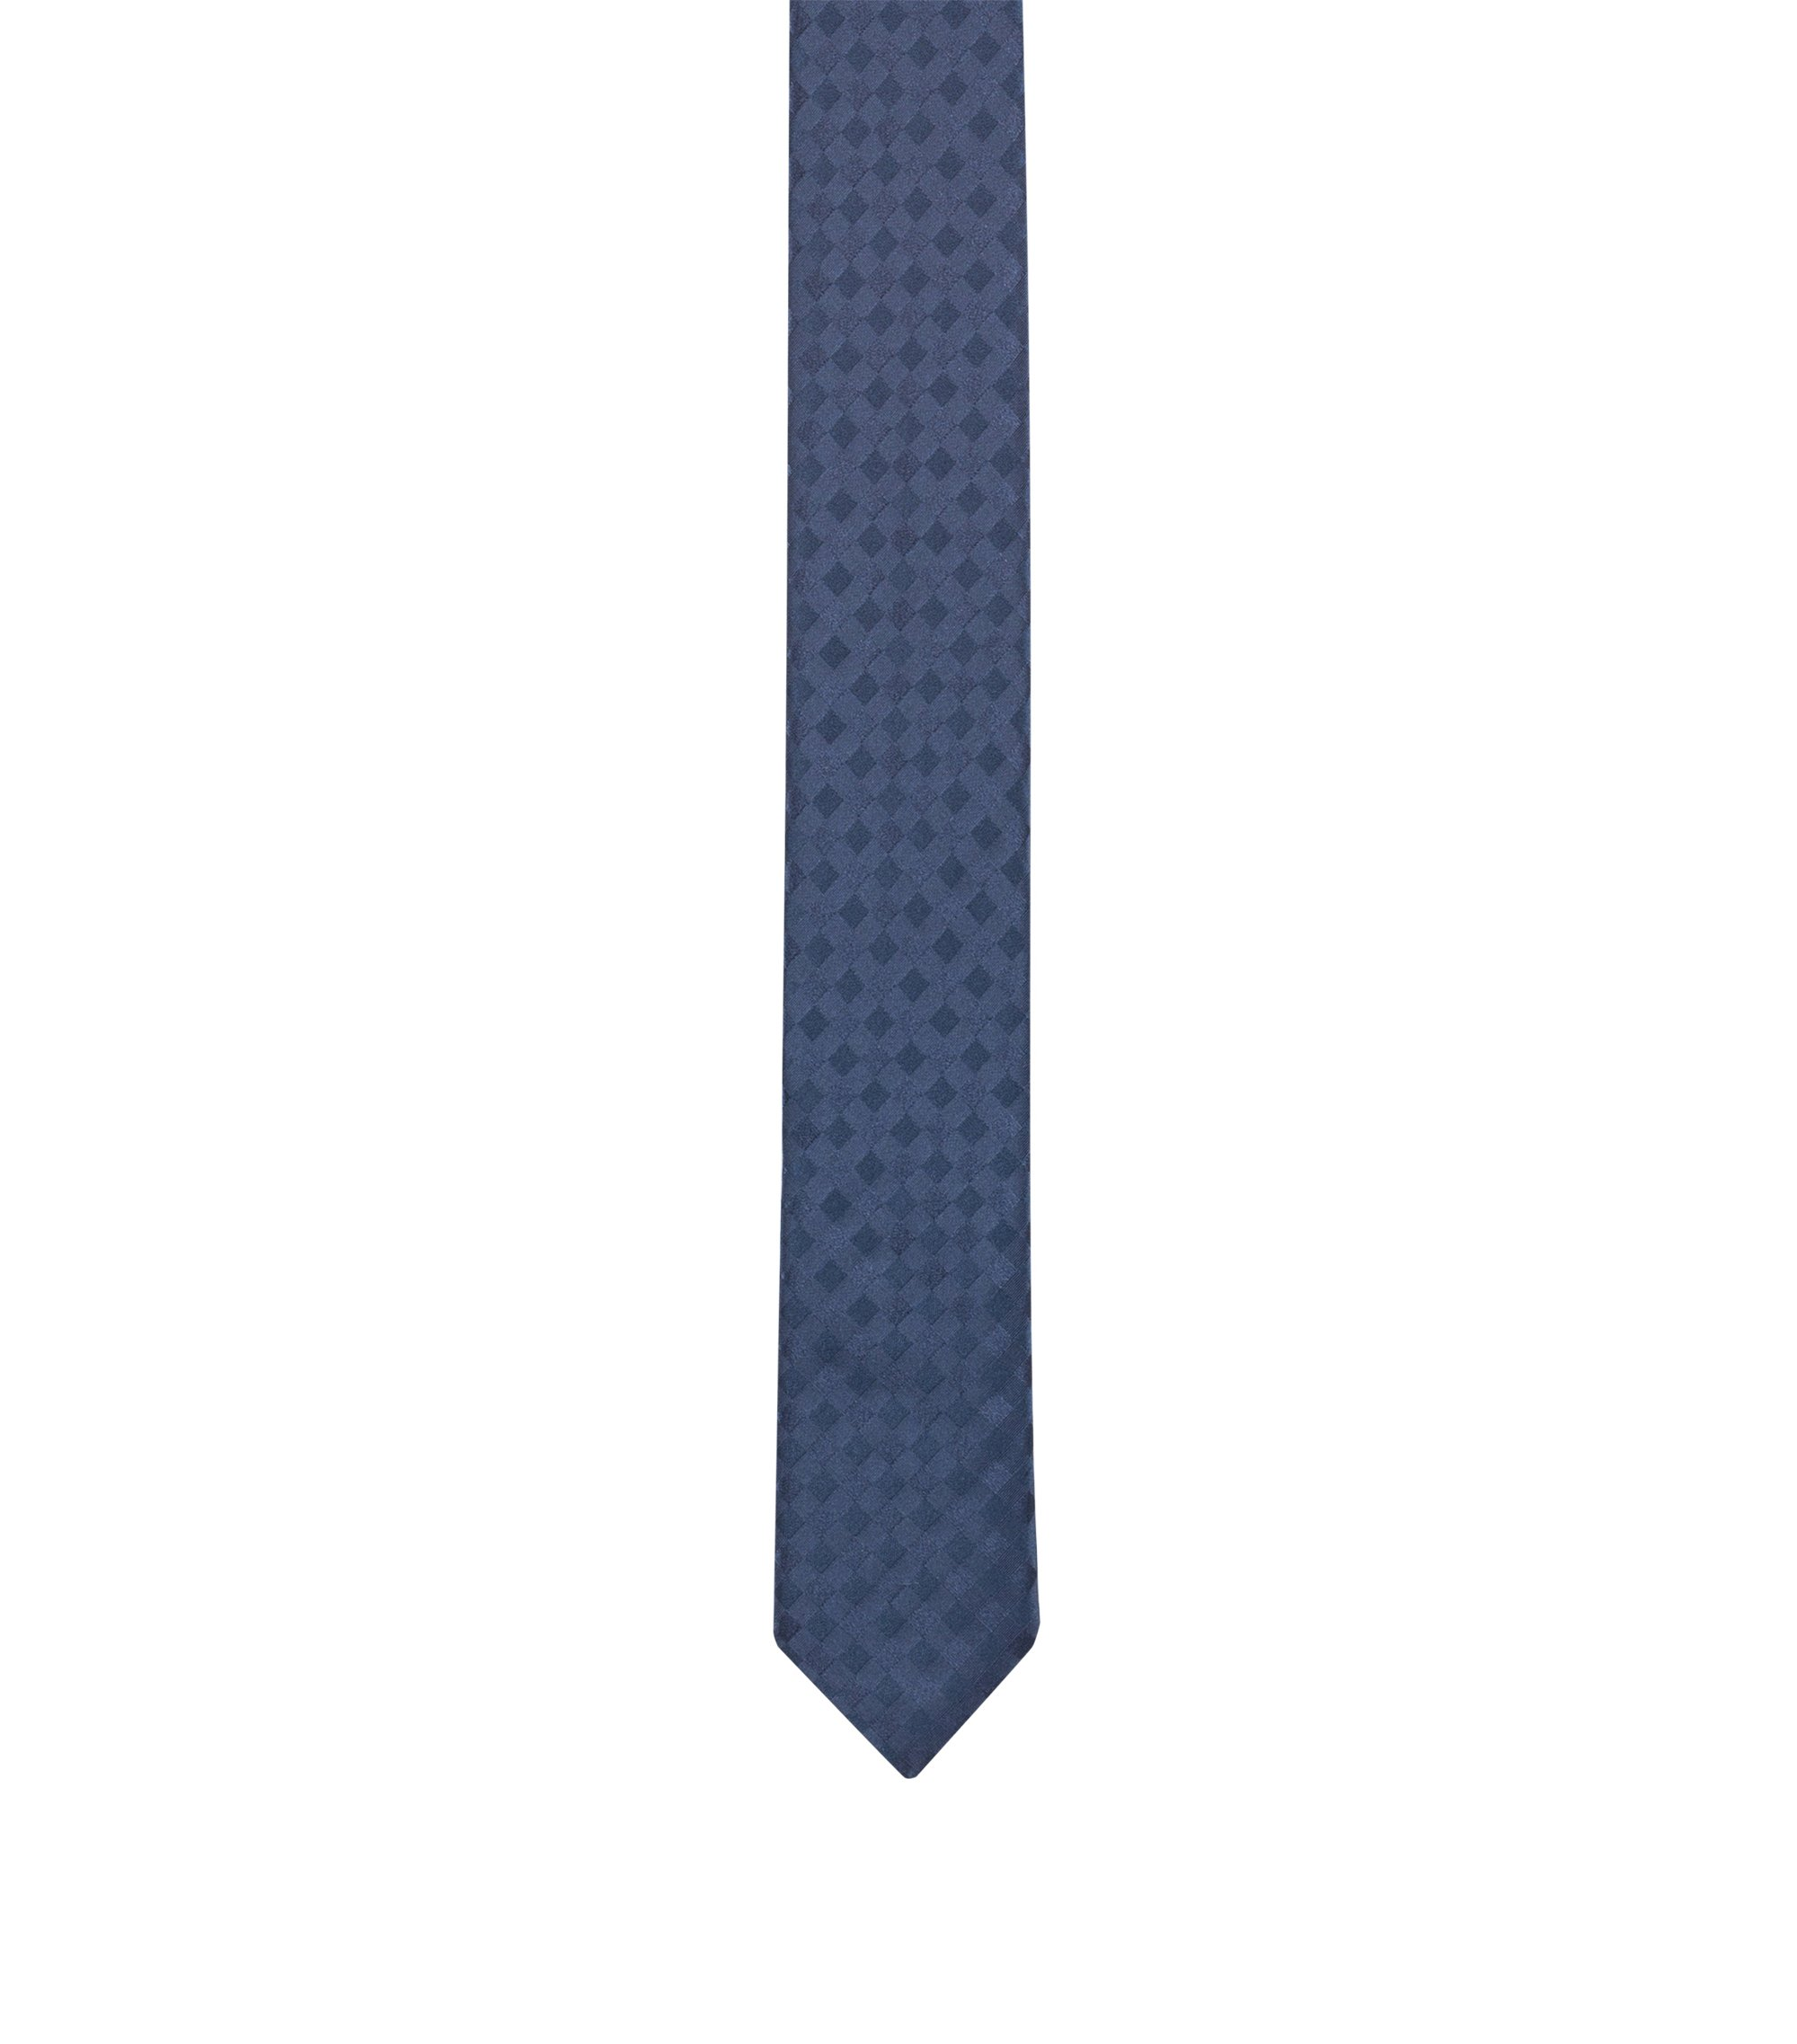 Cravatta in seta jacquard a quadri tono su tono, Blu scuro